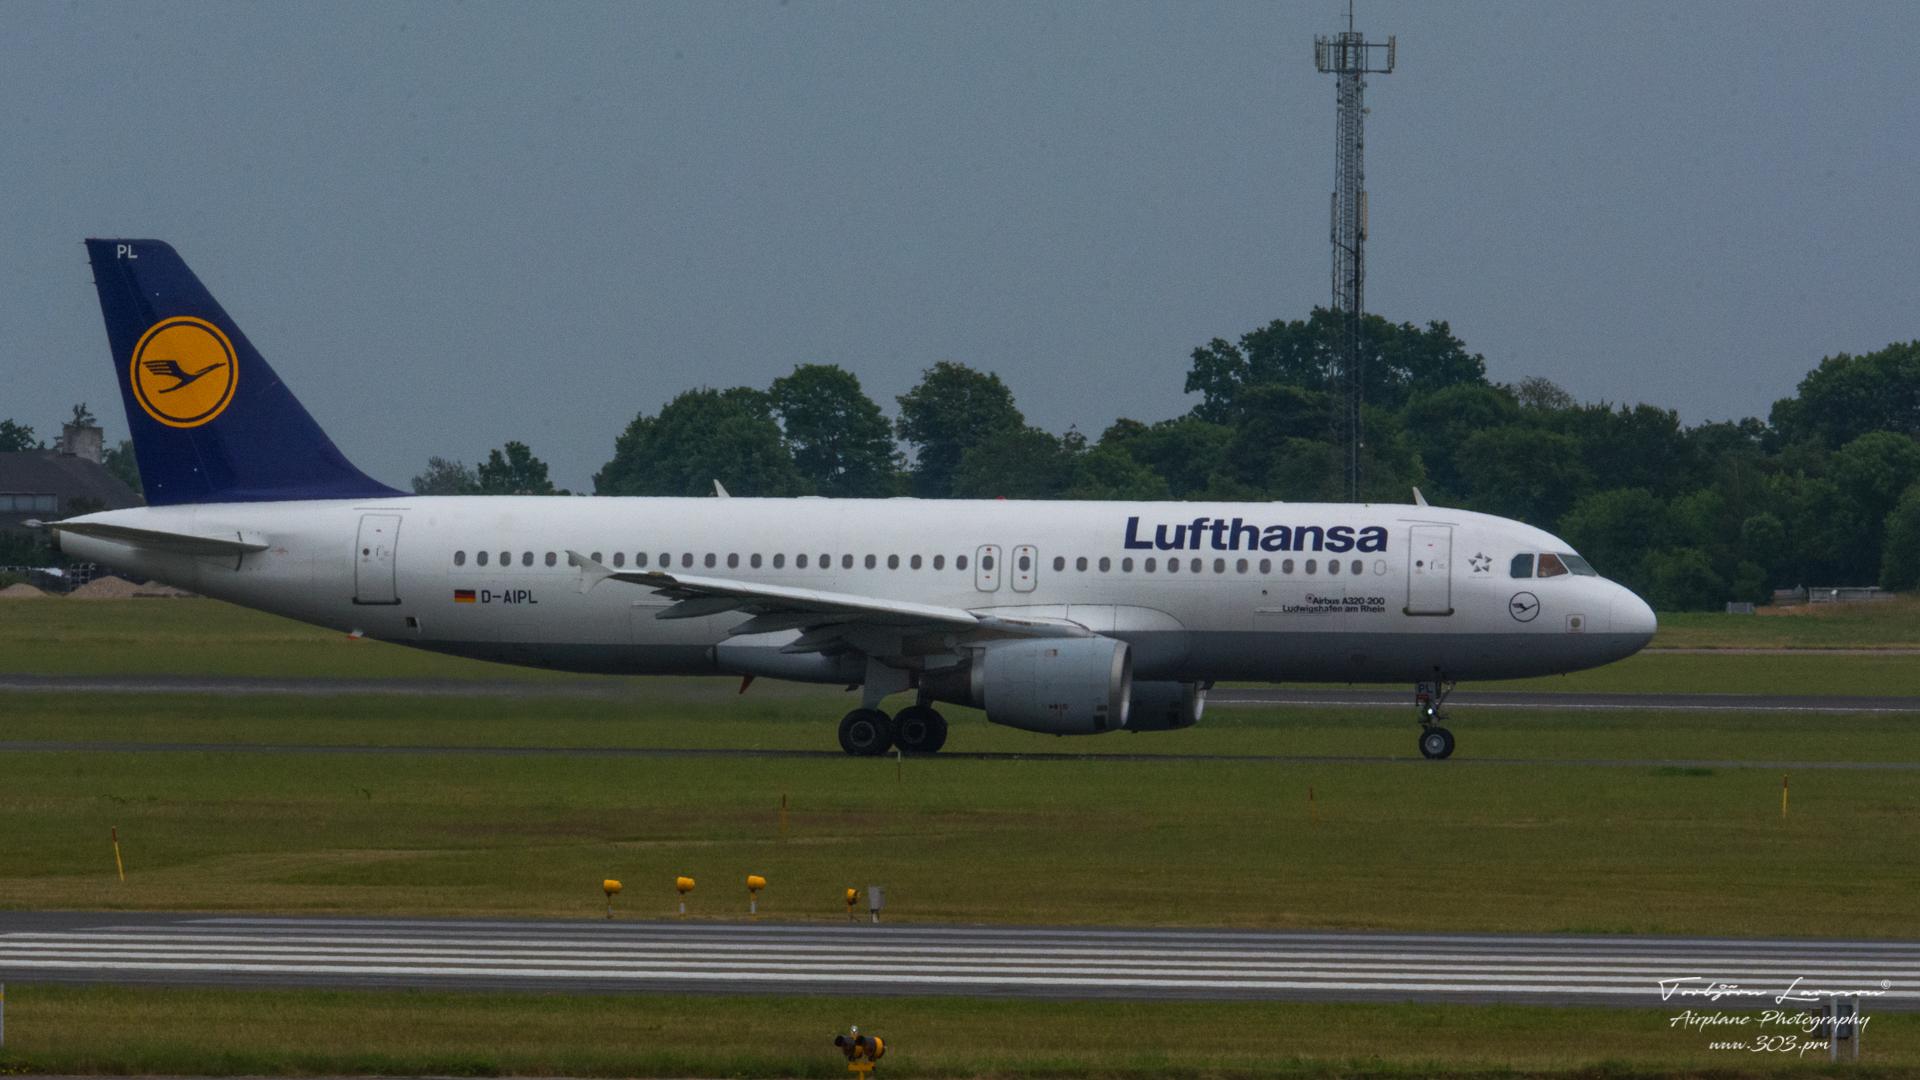 TBE_8453-Airbus A320-211 (D-AIPL) - Lufthansa